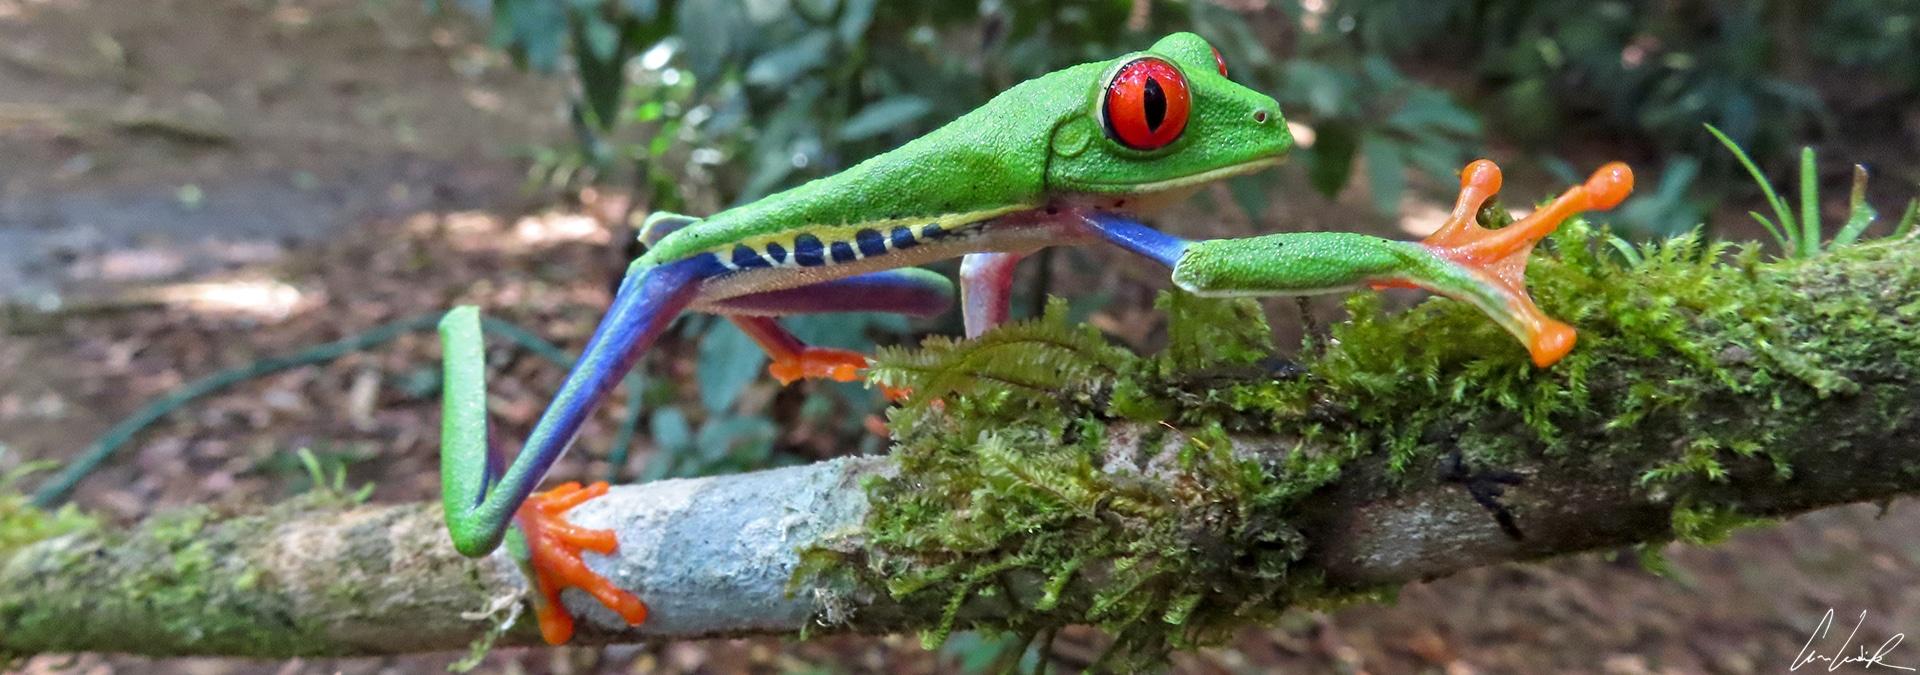 Le Costa Rica: un grand réservoir de biodiversité